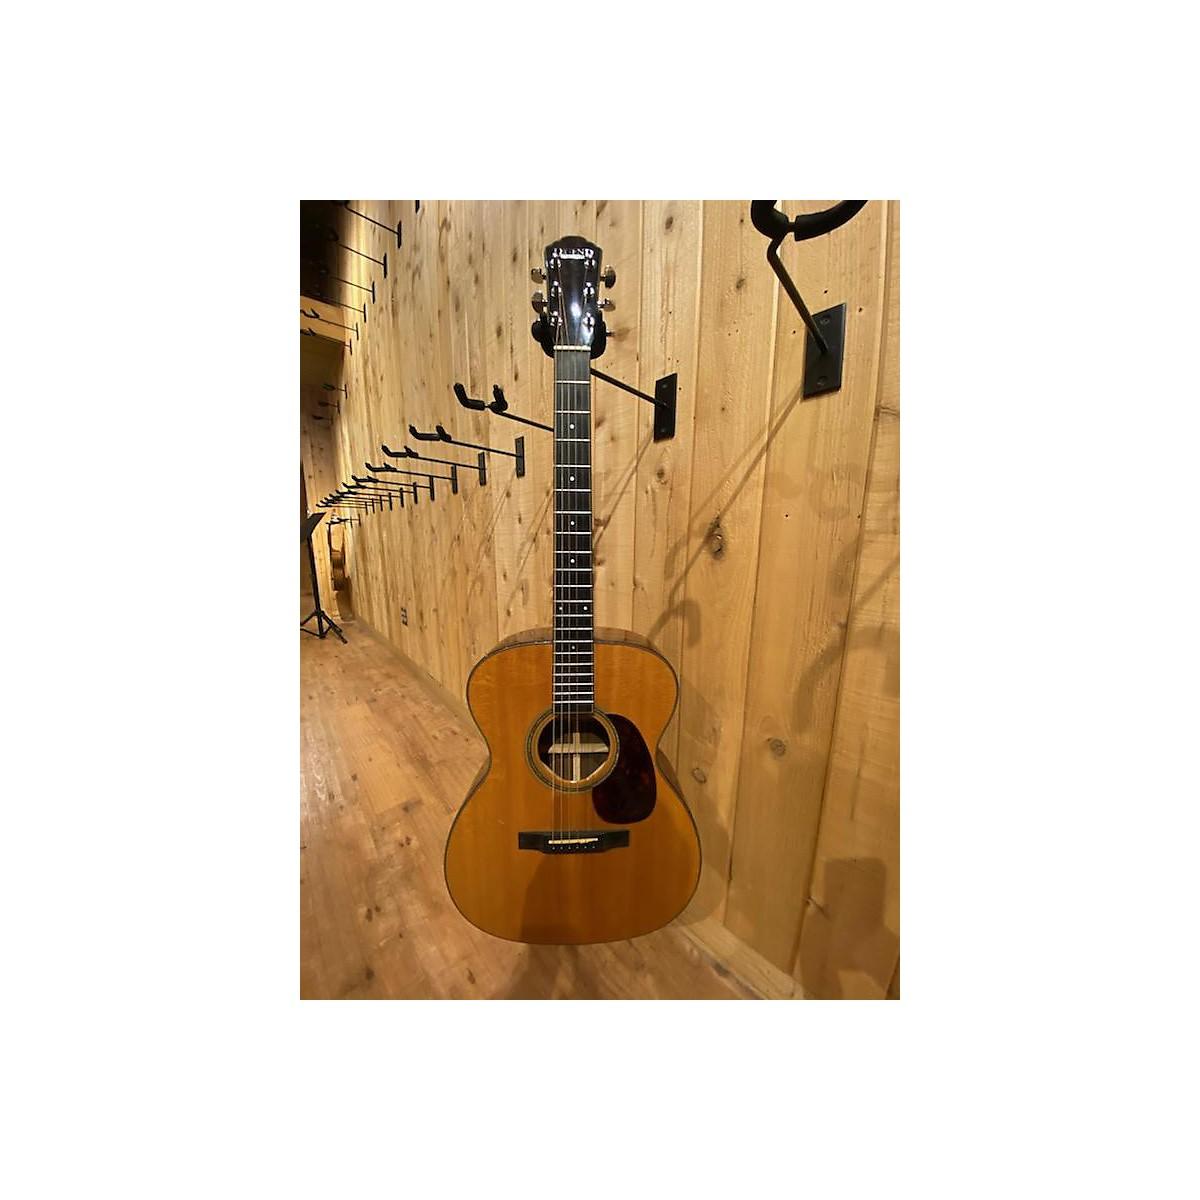 Legend 181 Acoustic Electric Guitar